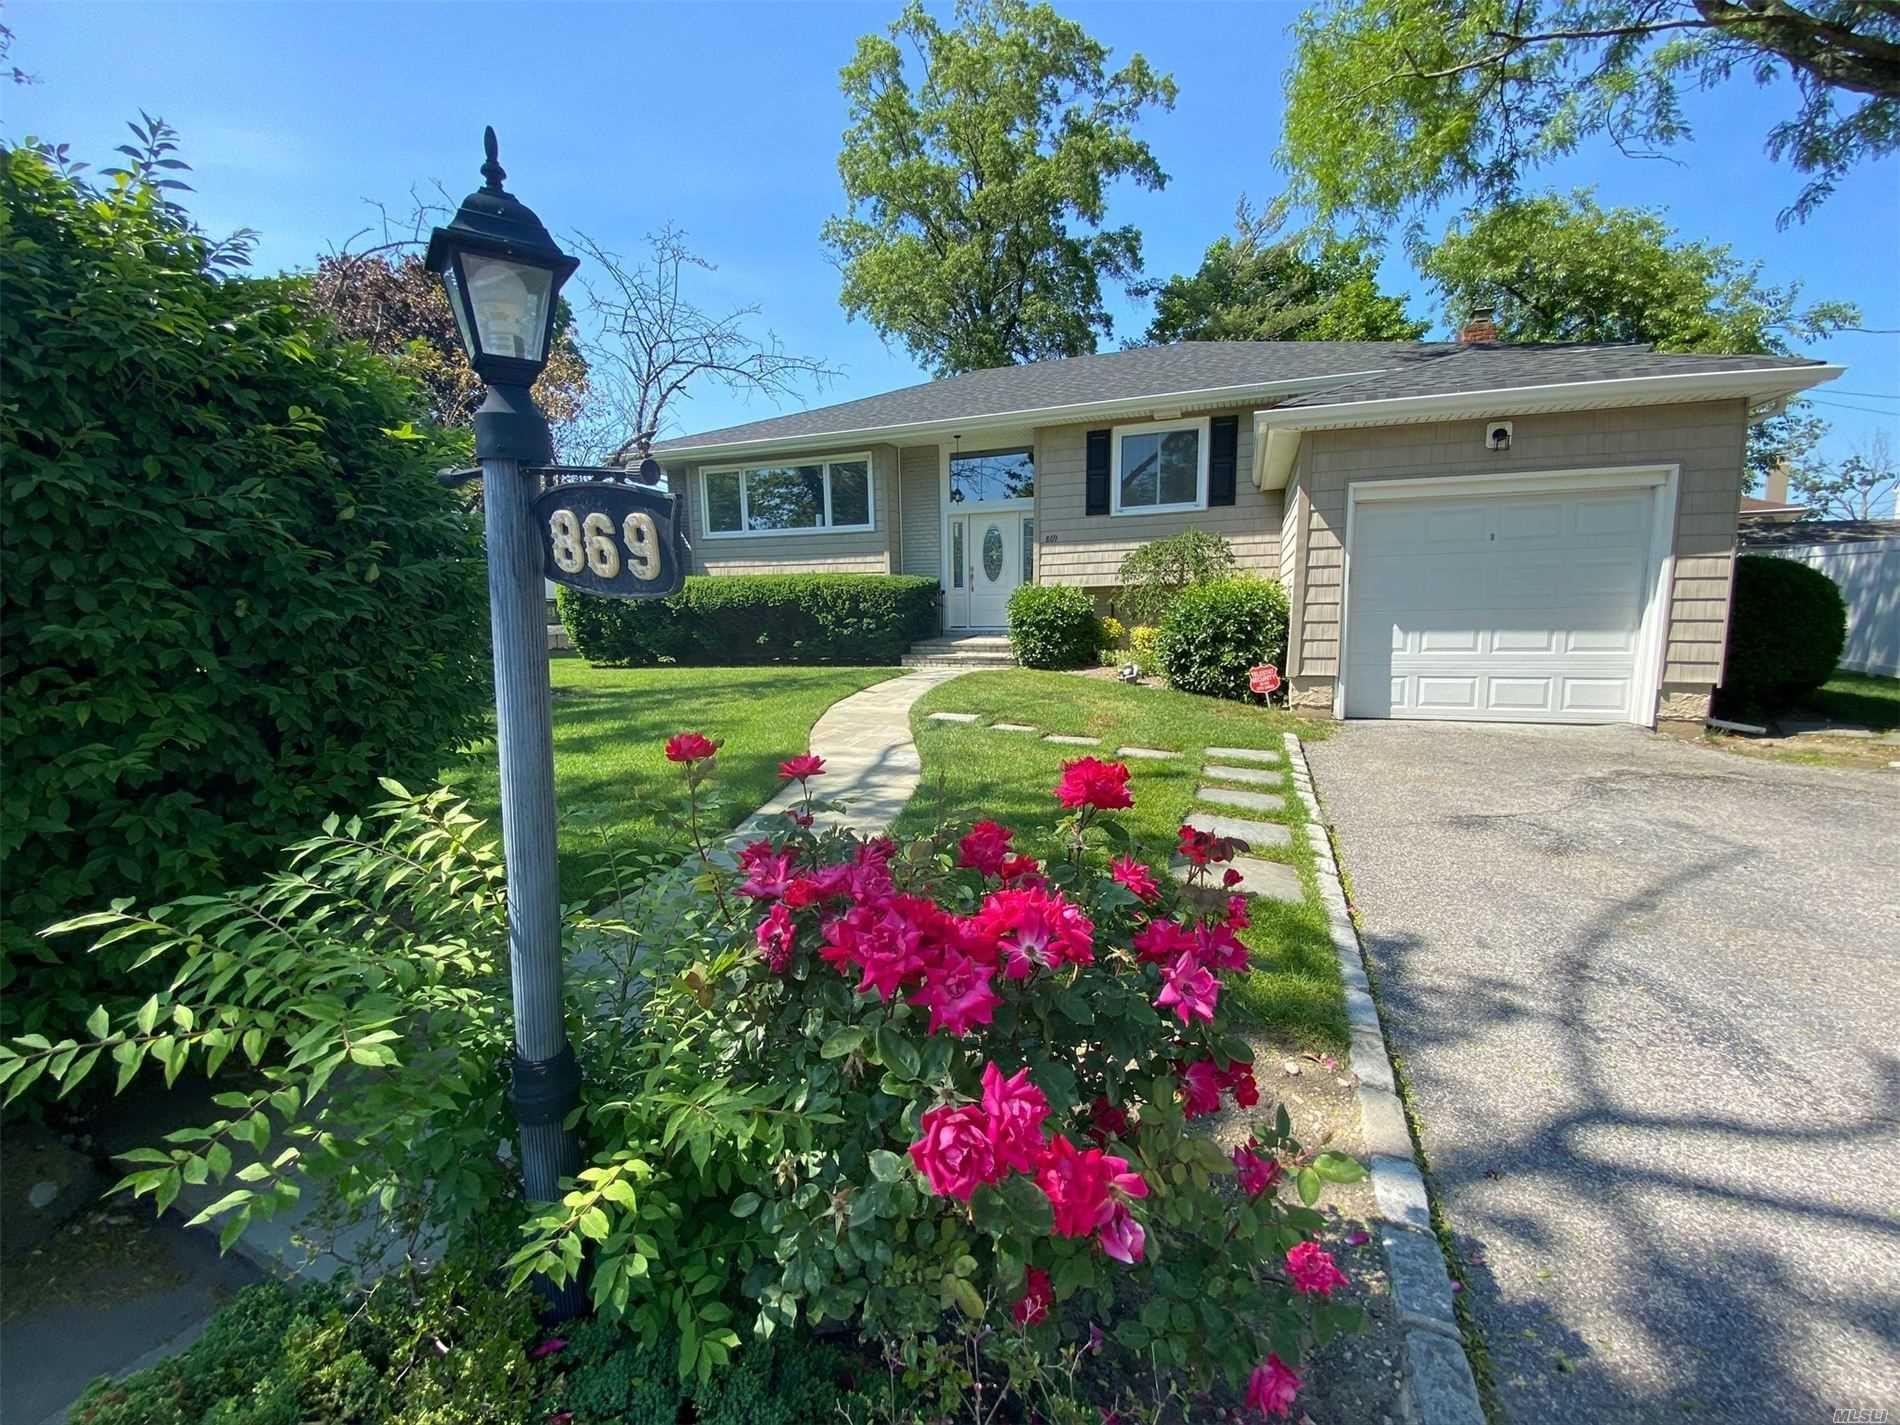 869 A Fanwood Avenue, Hempstead, NY 11581 - MLS#: 3235847